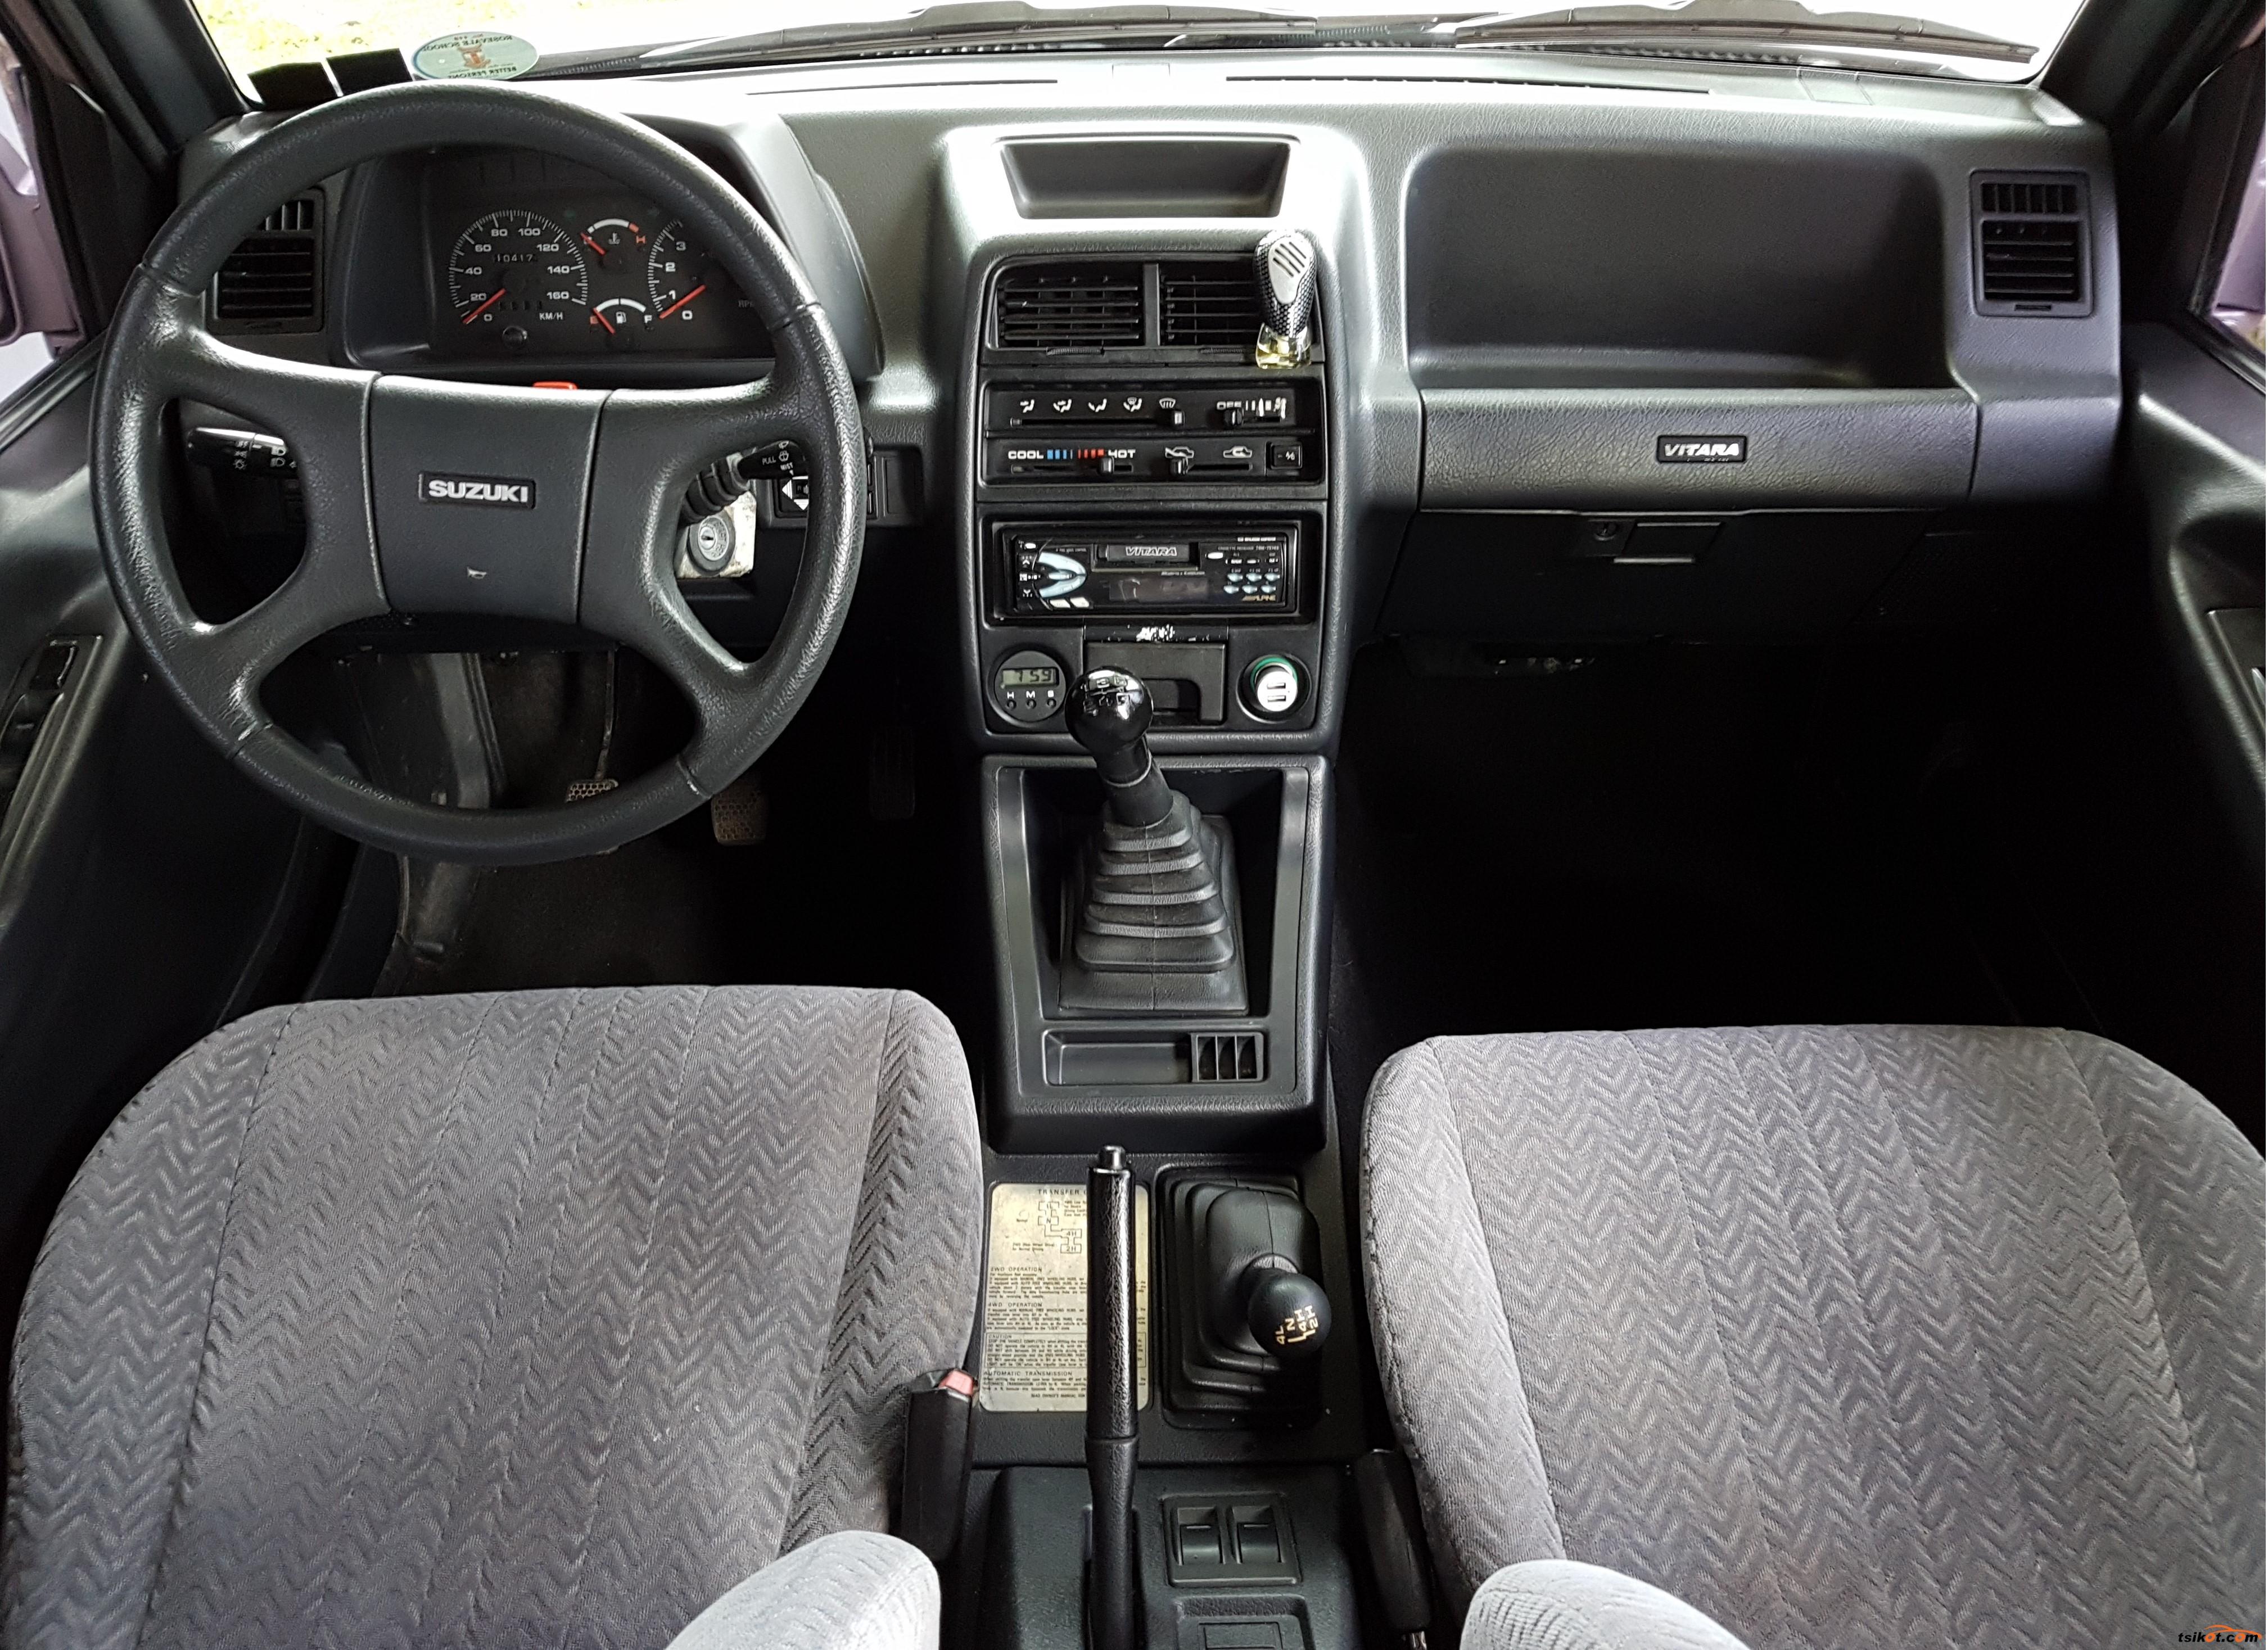 Suzuki Vitara 2001 - 7